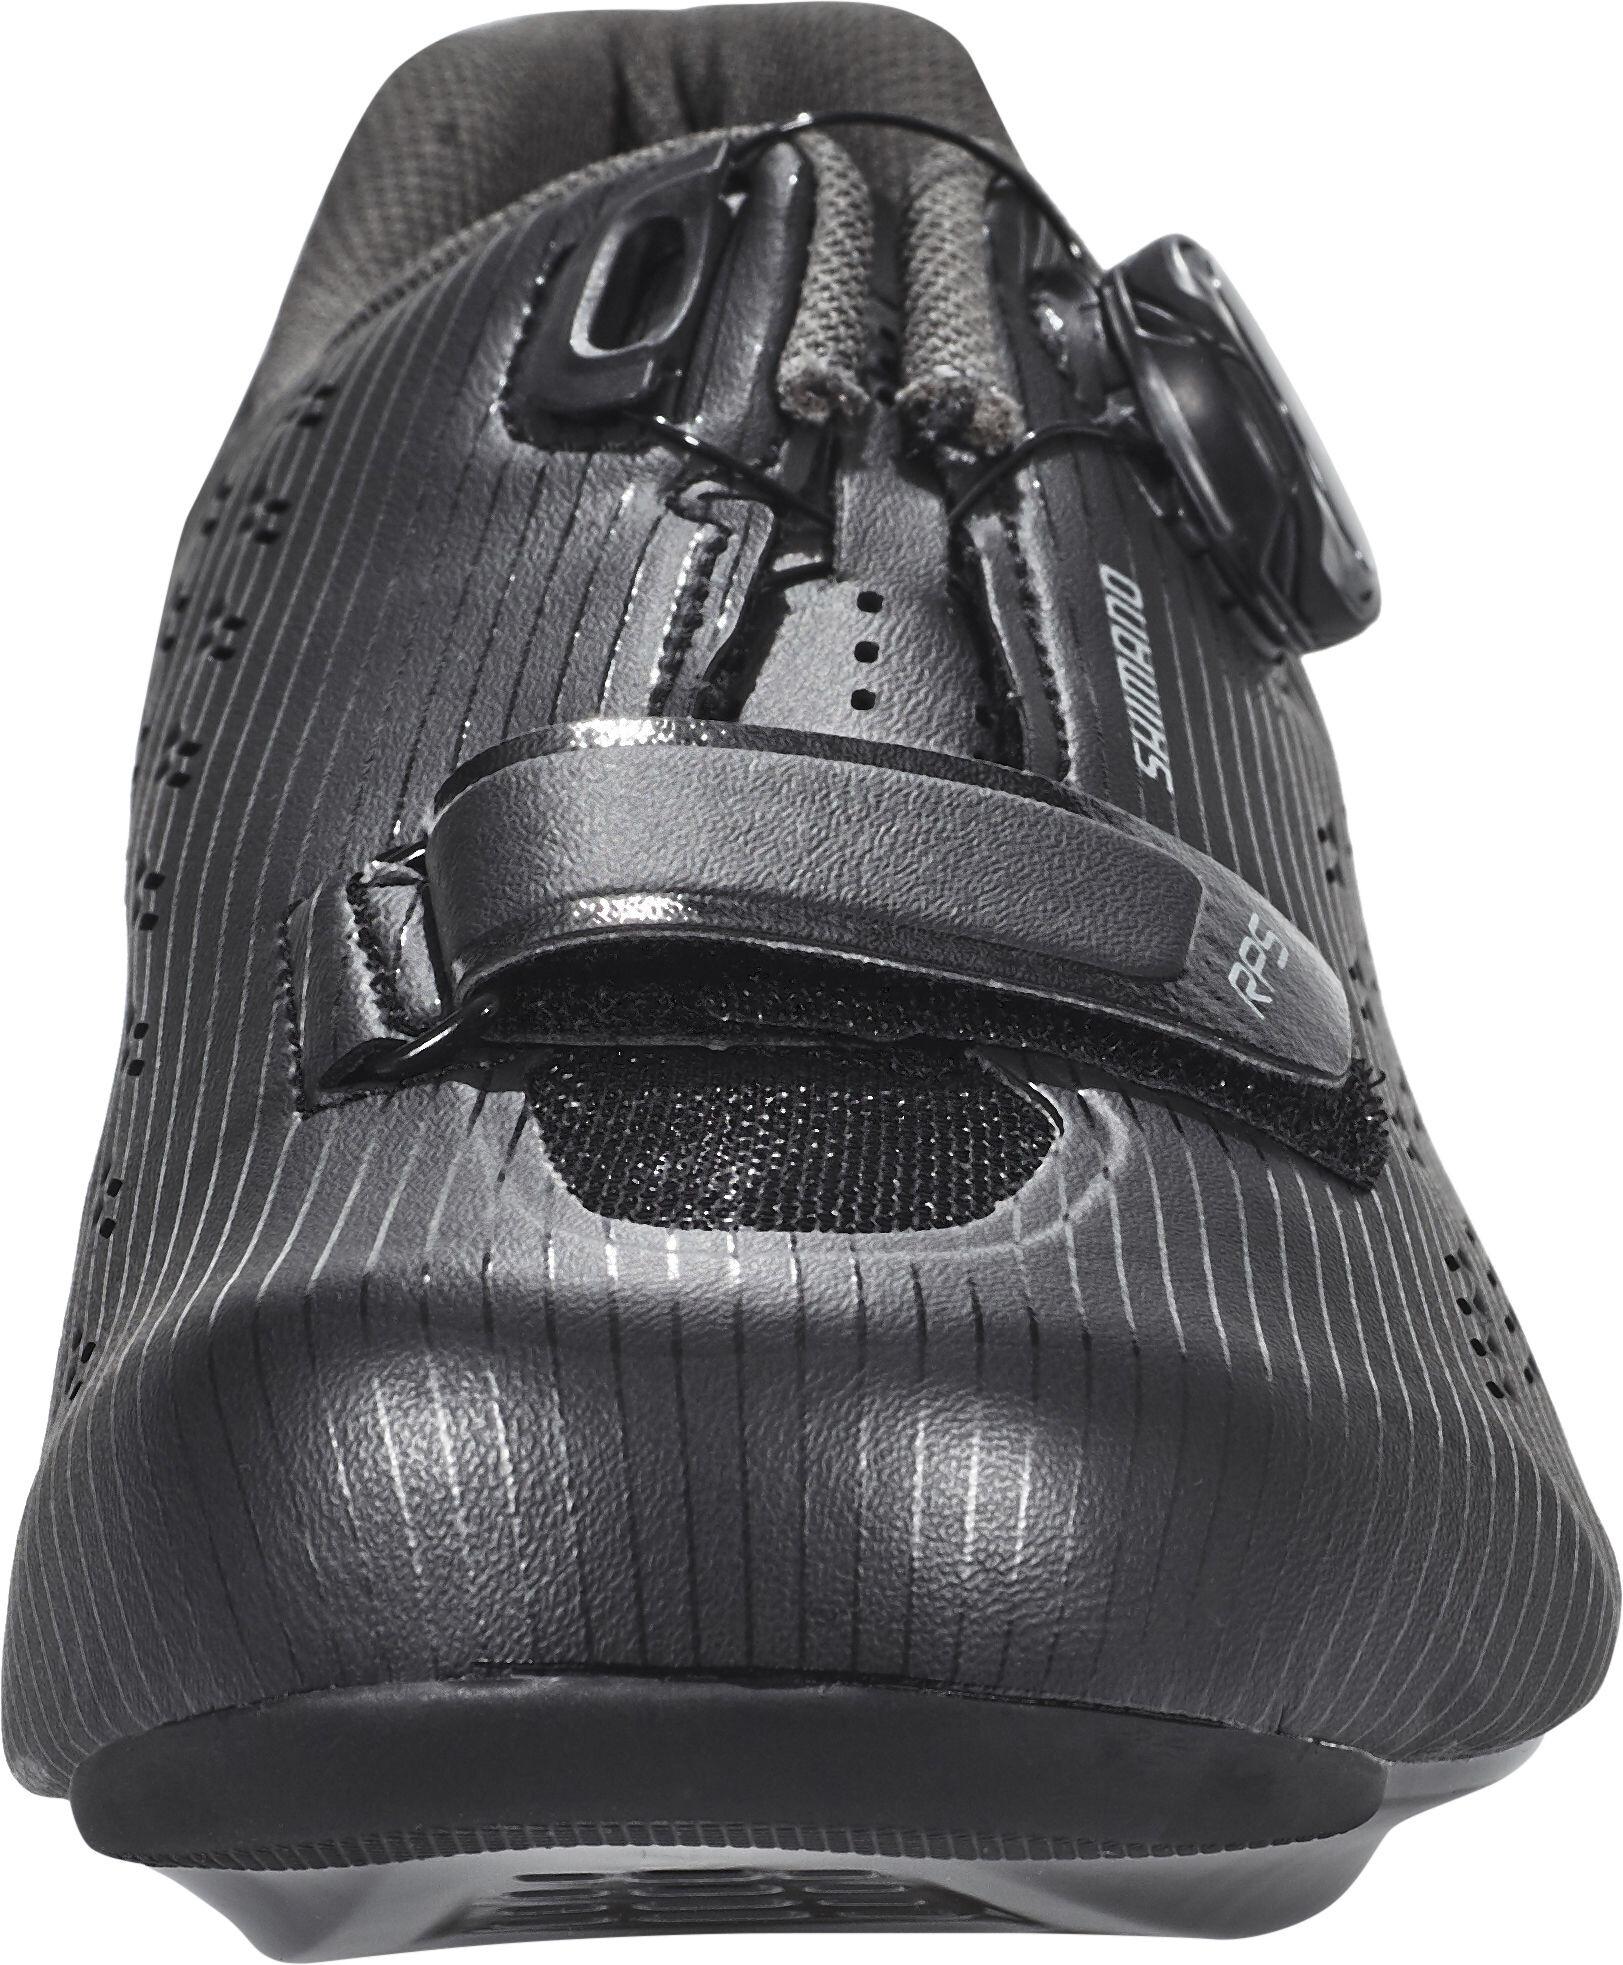 d20d31f13e9 Shimano SH-RP5 schoenen zwart I Eenvoudig online bij Bikester